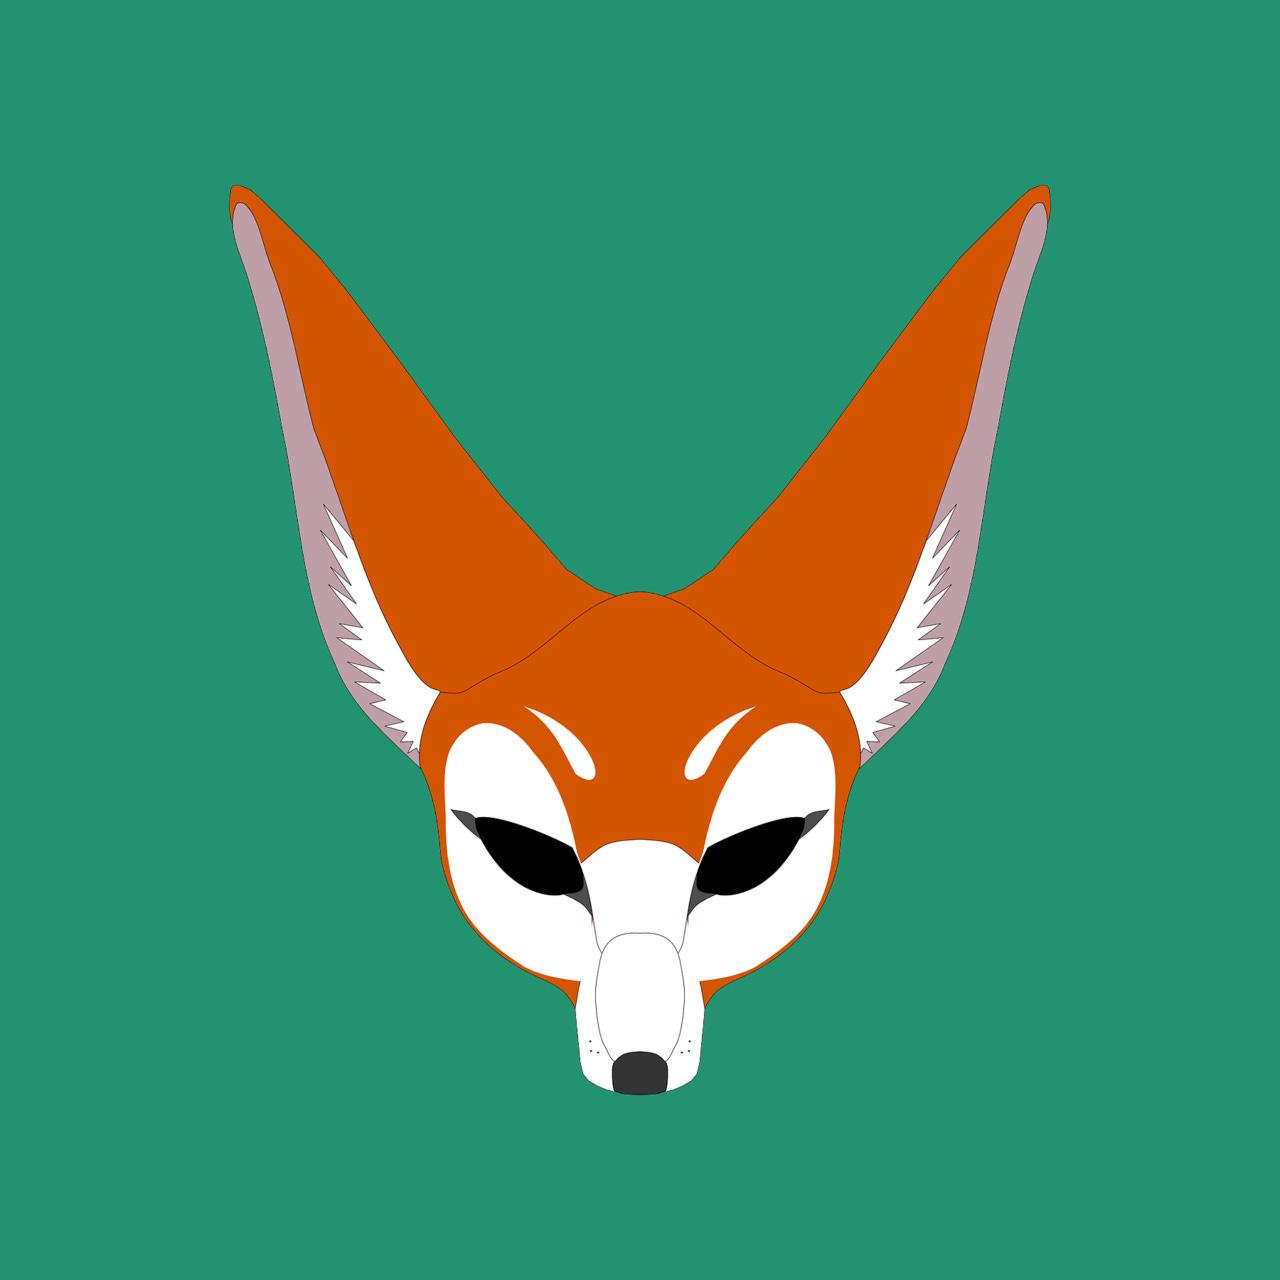 Angus Fox